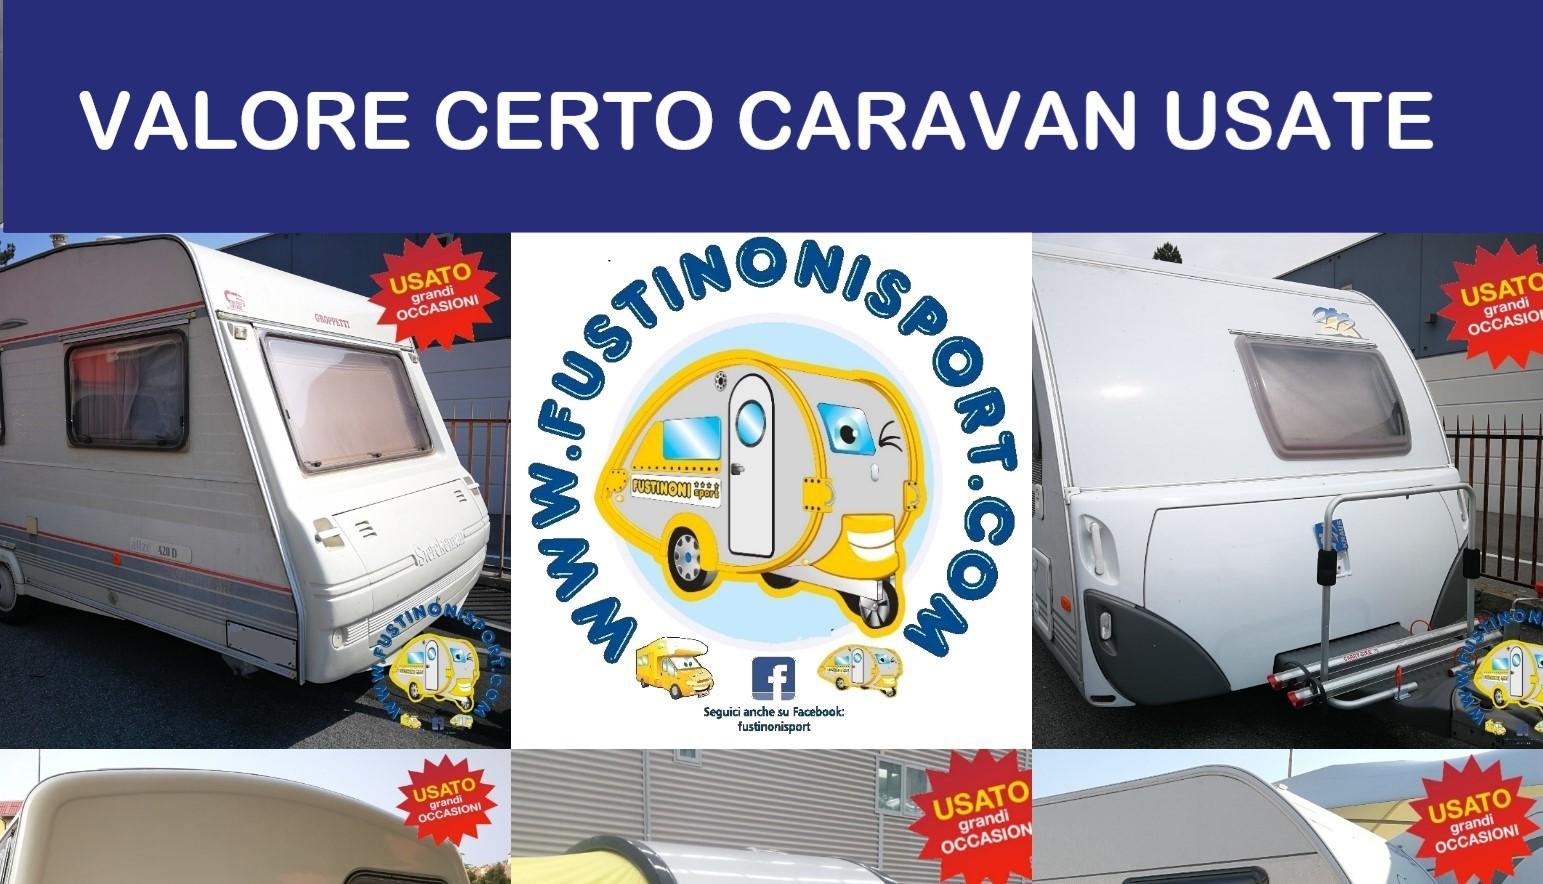 formula-valore-certo-fustinoni-caravan-usate